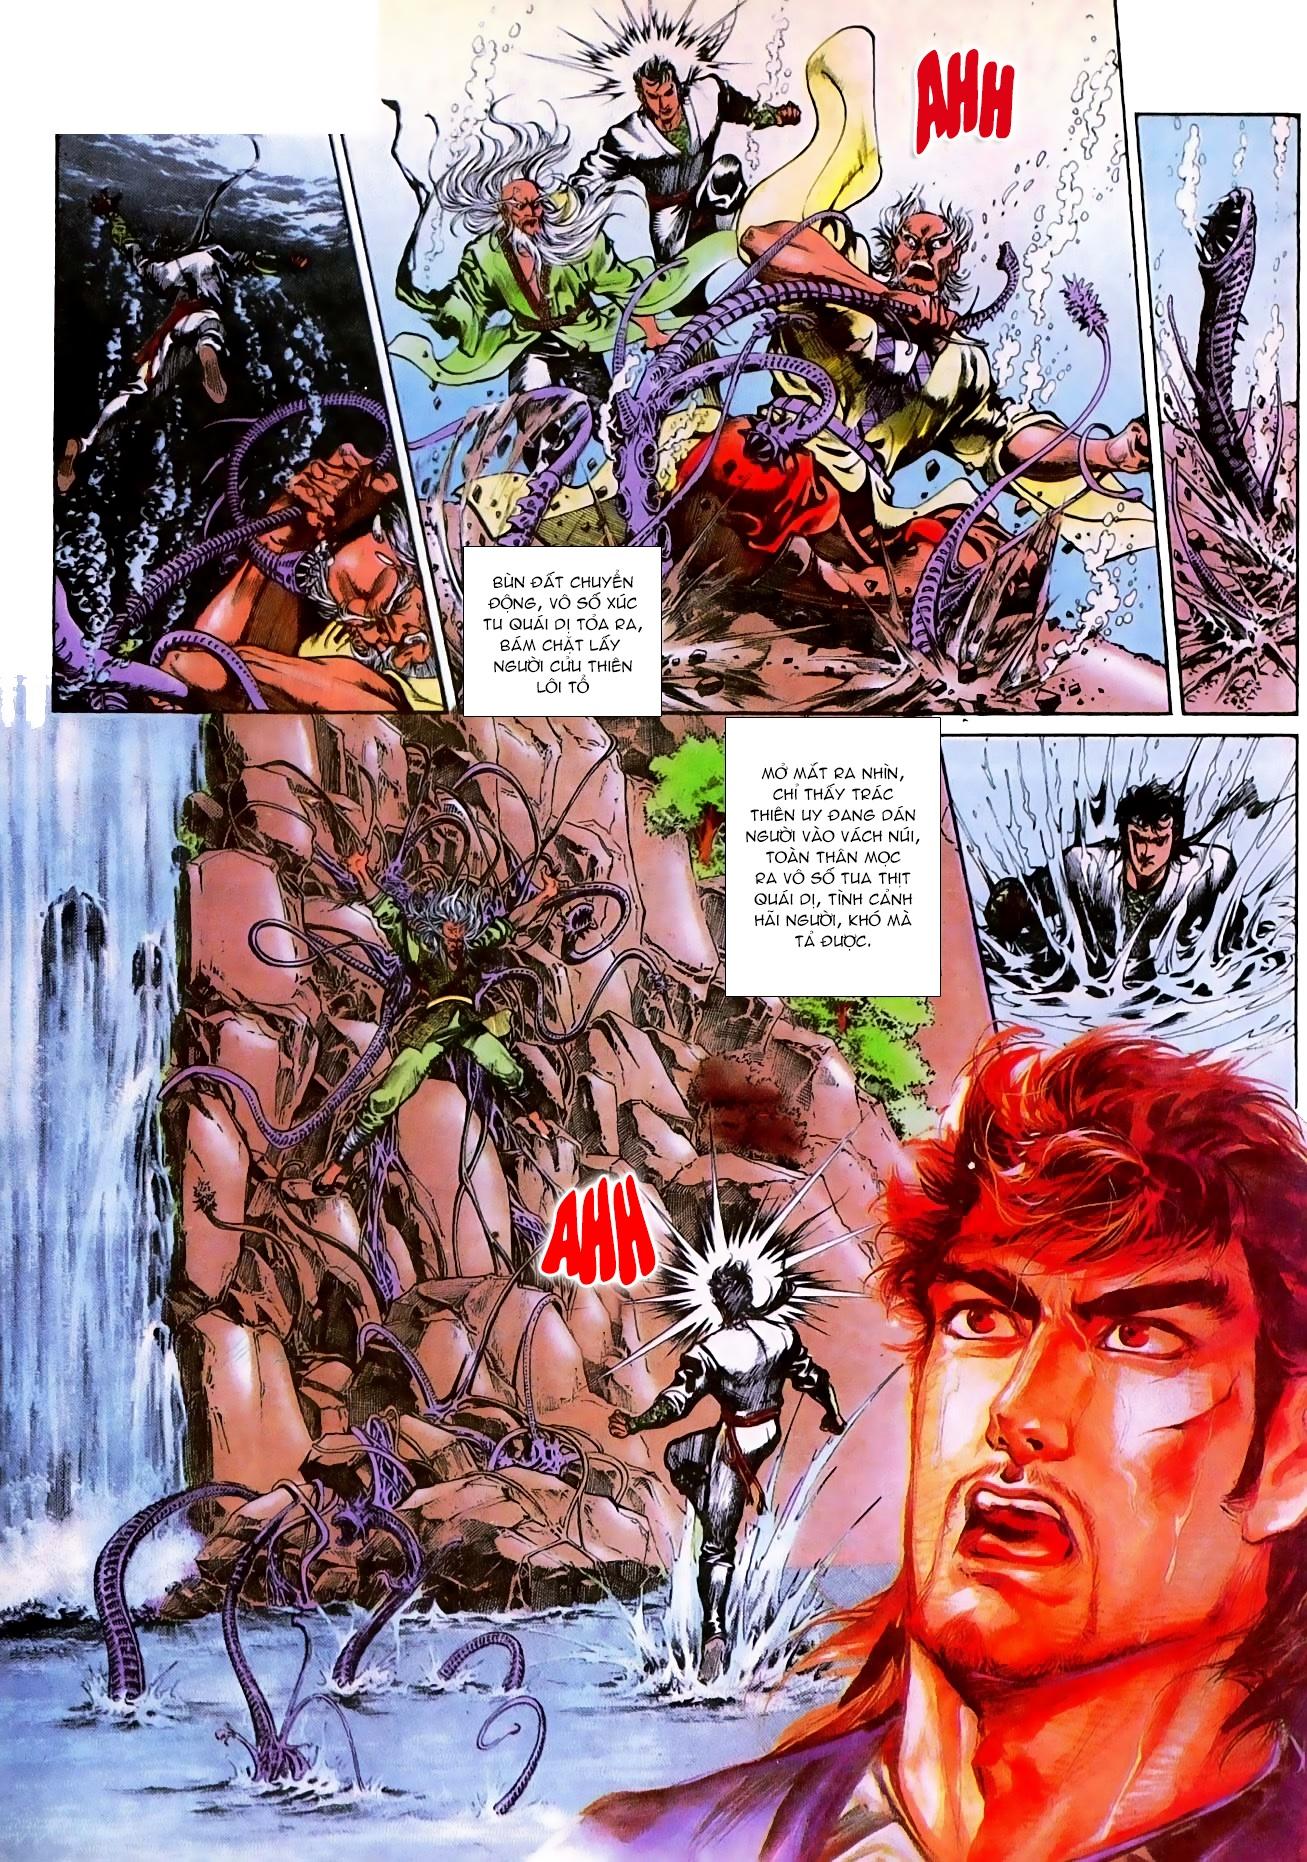 Thiết Tướng Tung Hoành chap 270 - Trang 3